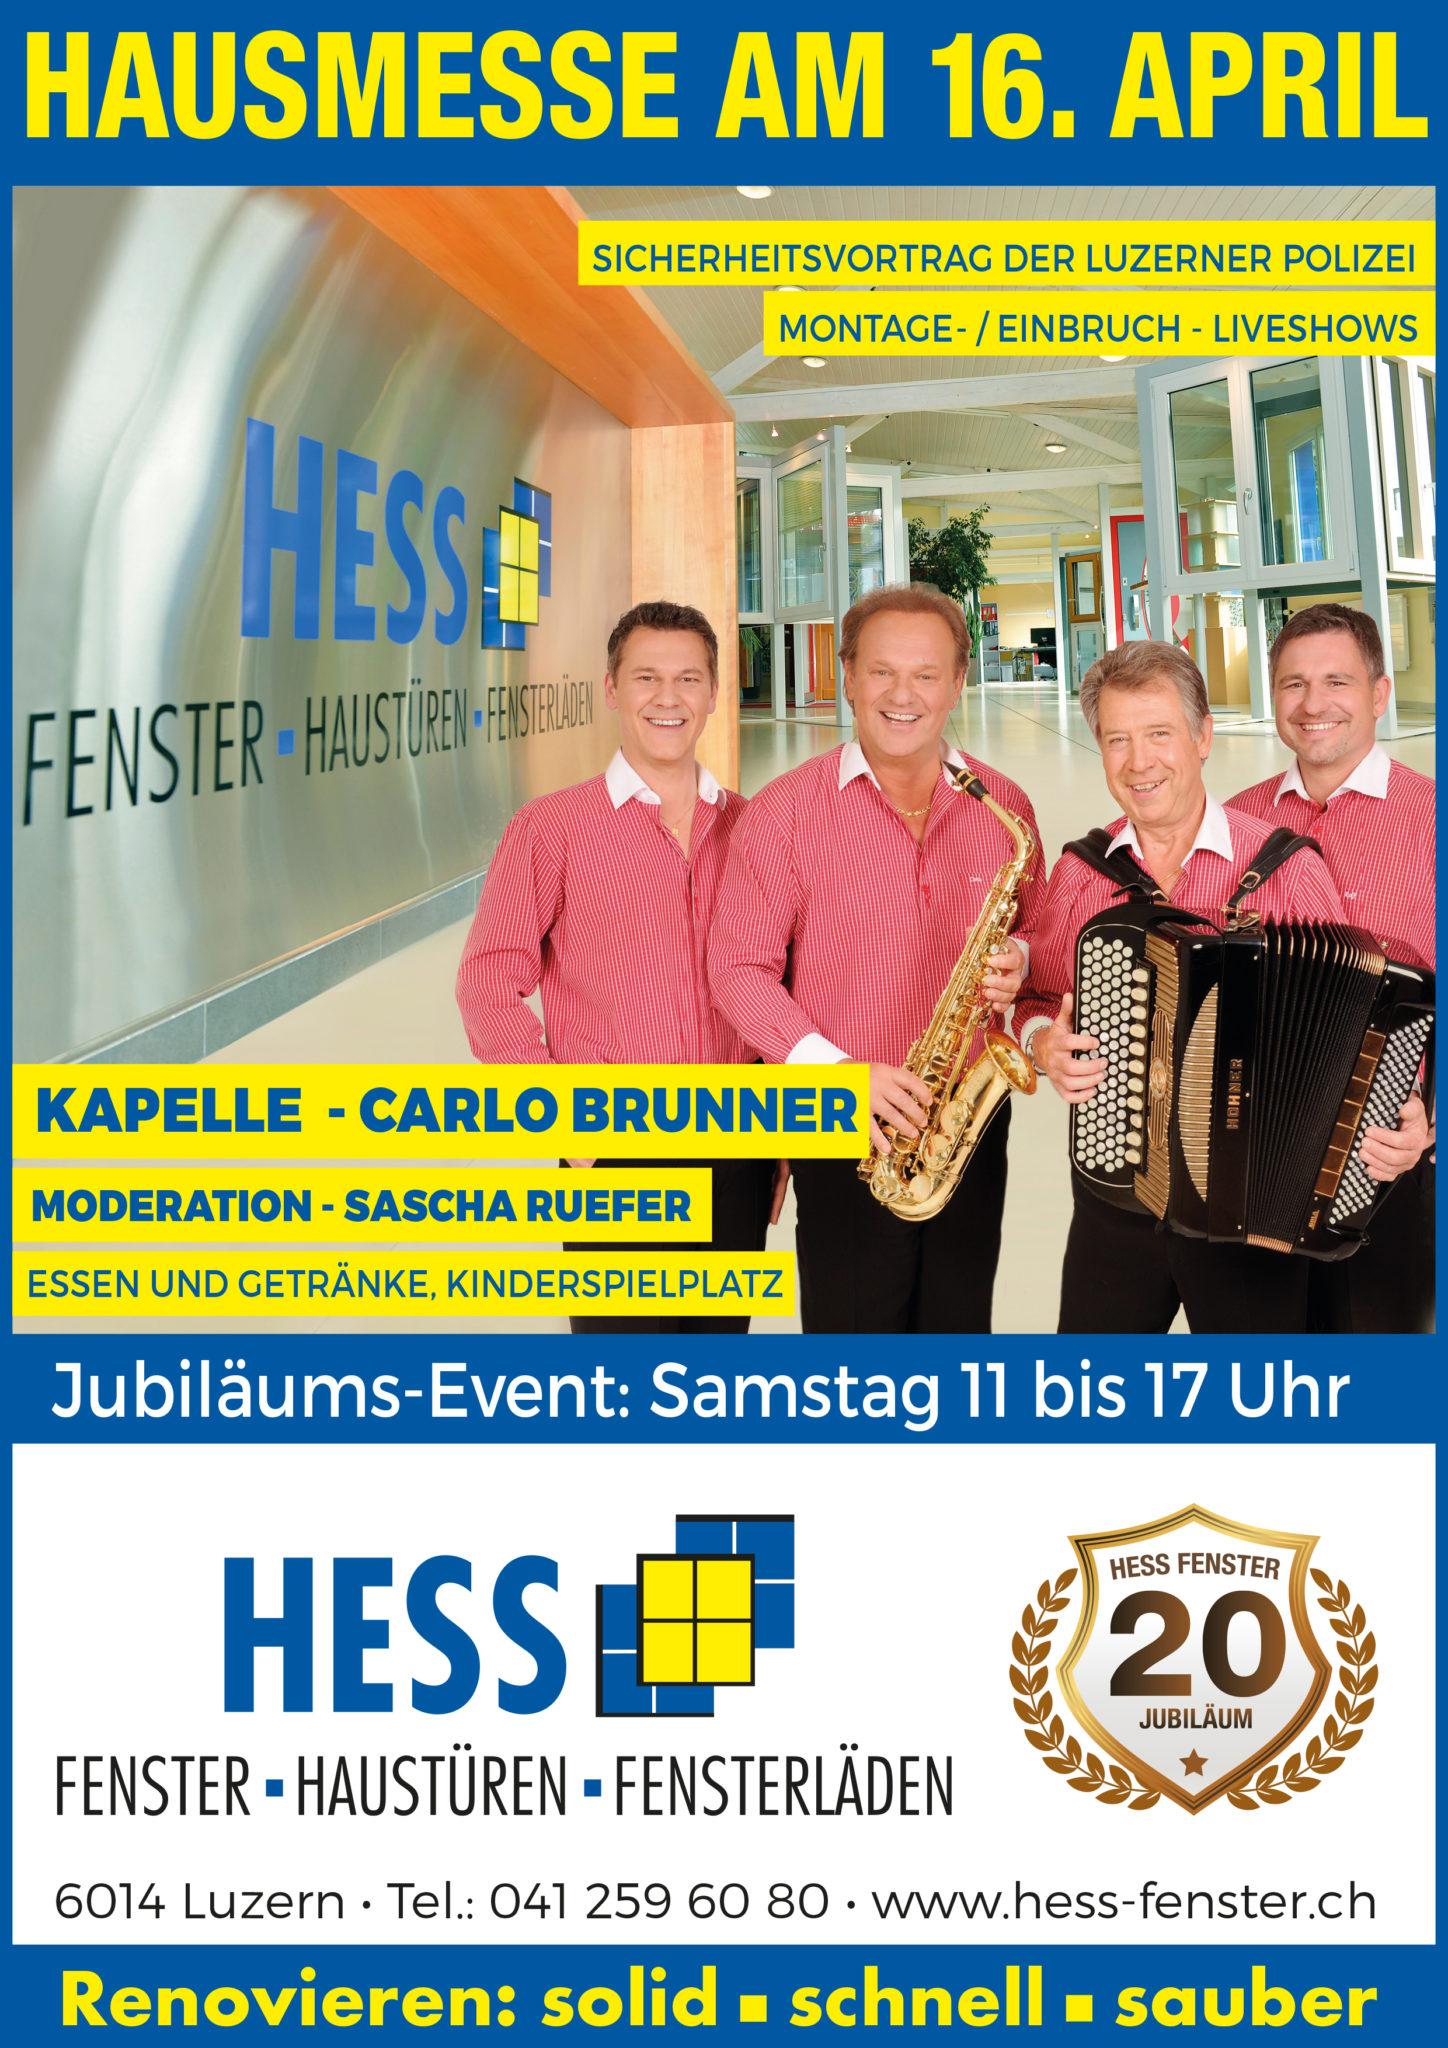 Hess_Jubilaeum